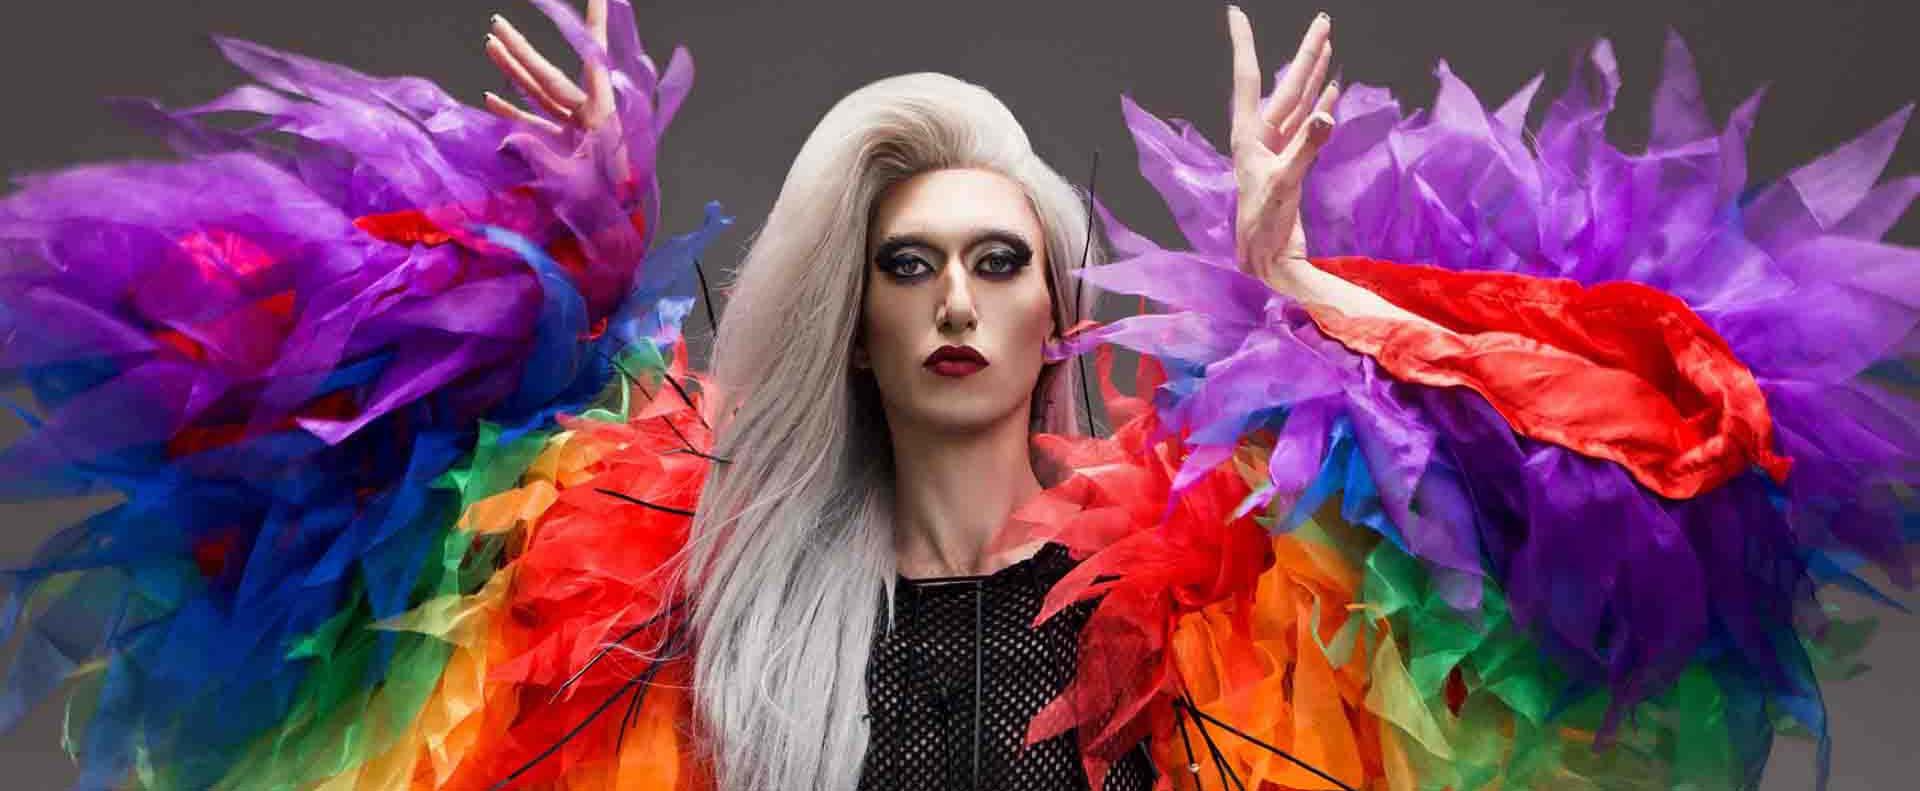 אירוויזיון 2019, קיי לונג בהשראת דנה אינרנשיונל השיר דיווה צלם ניר סלקמן